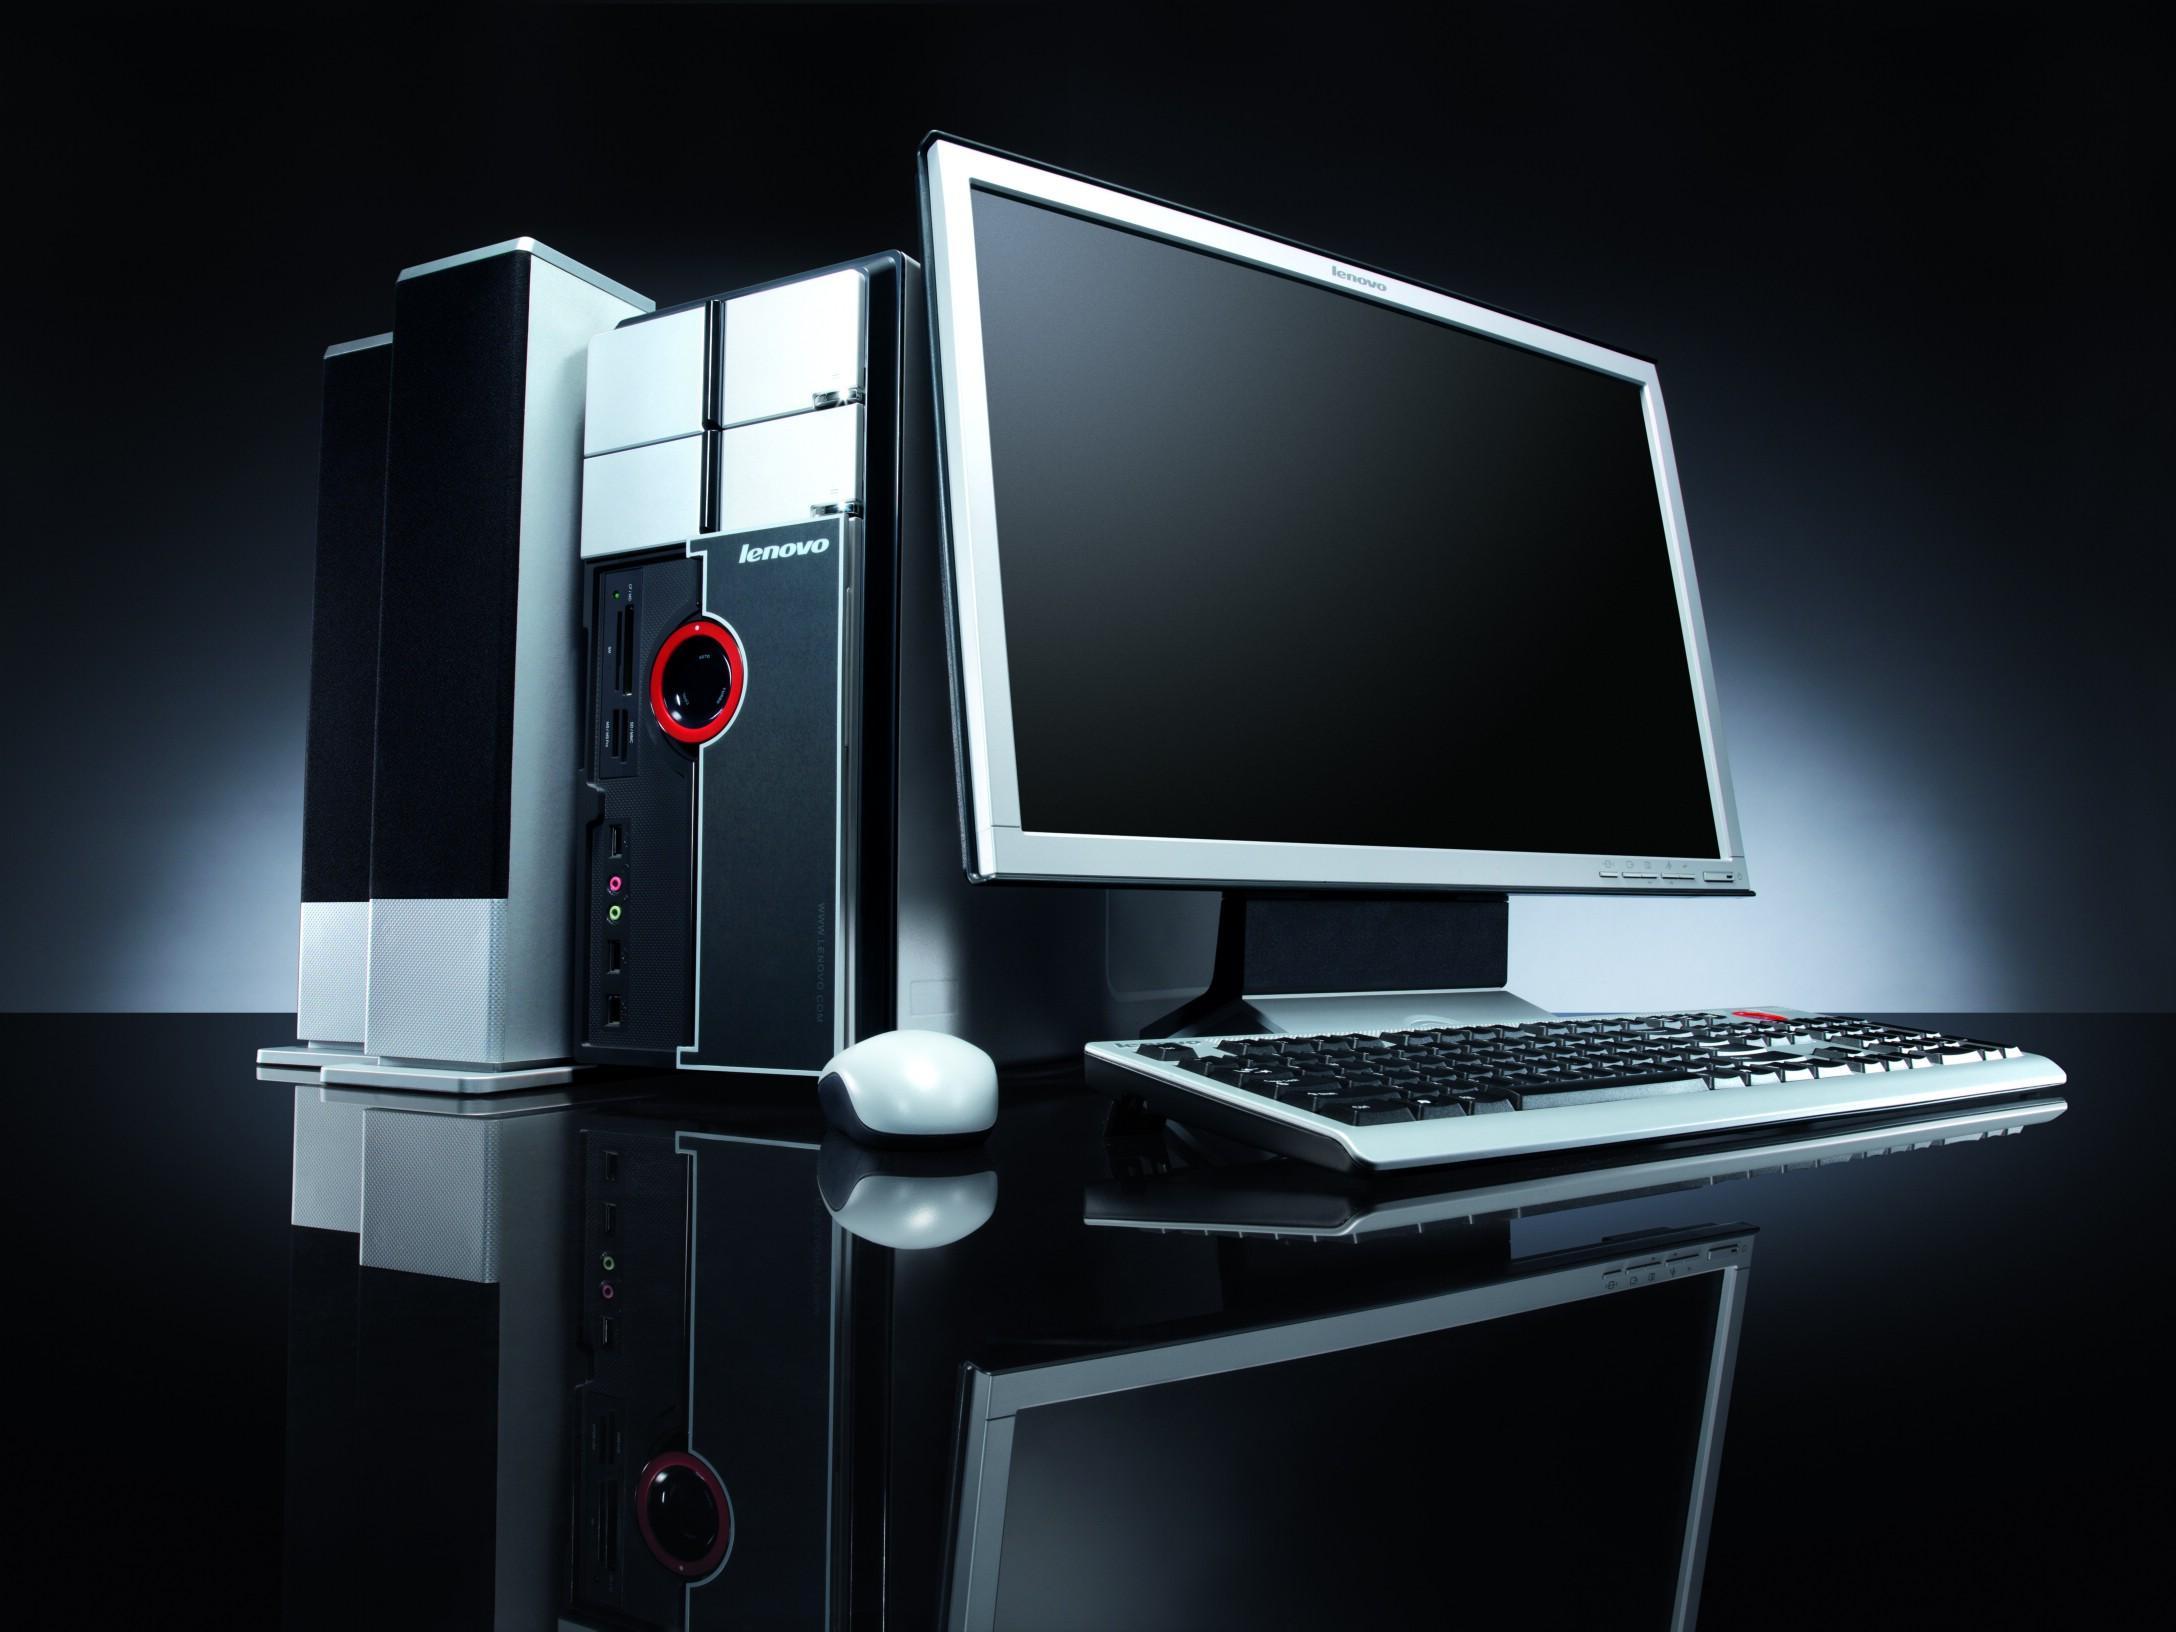 618和双11买电脑哪个便宜?京东618电脑能便宜多少?